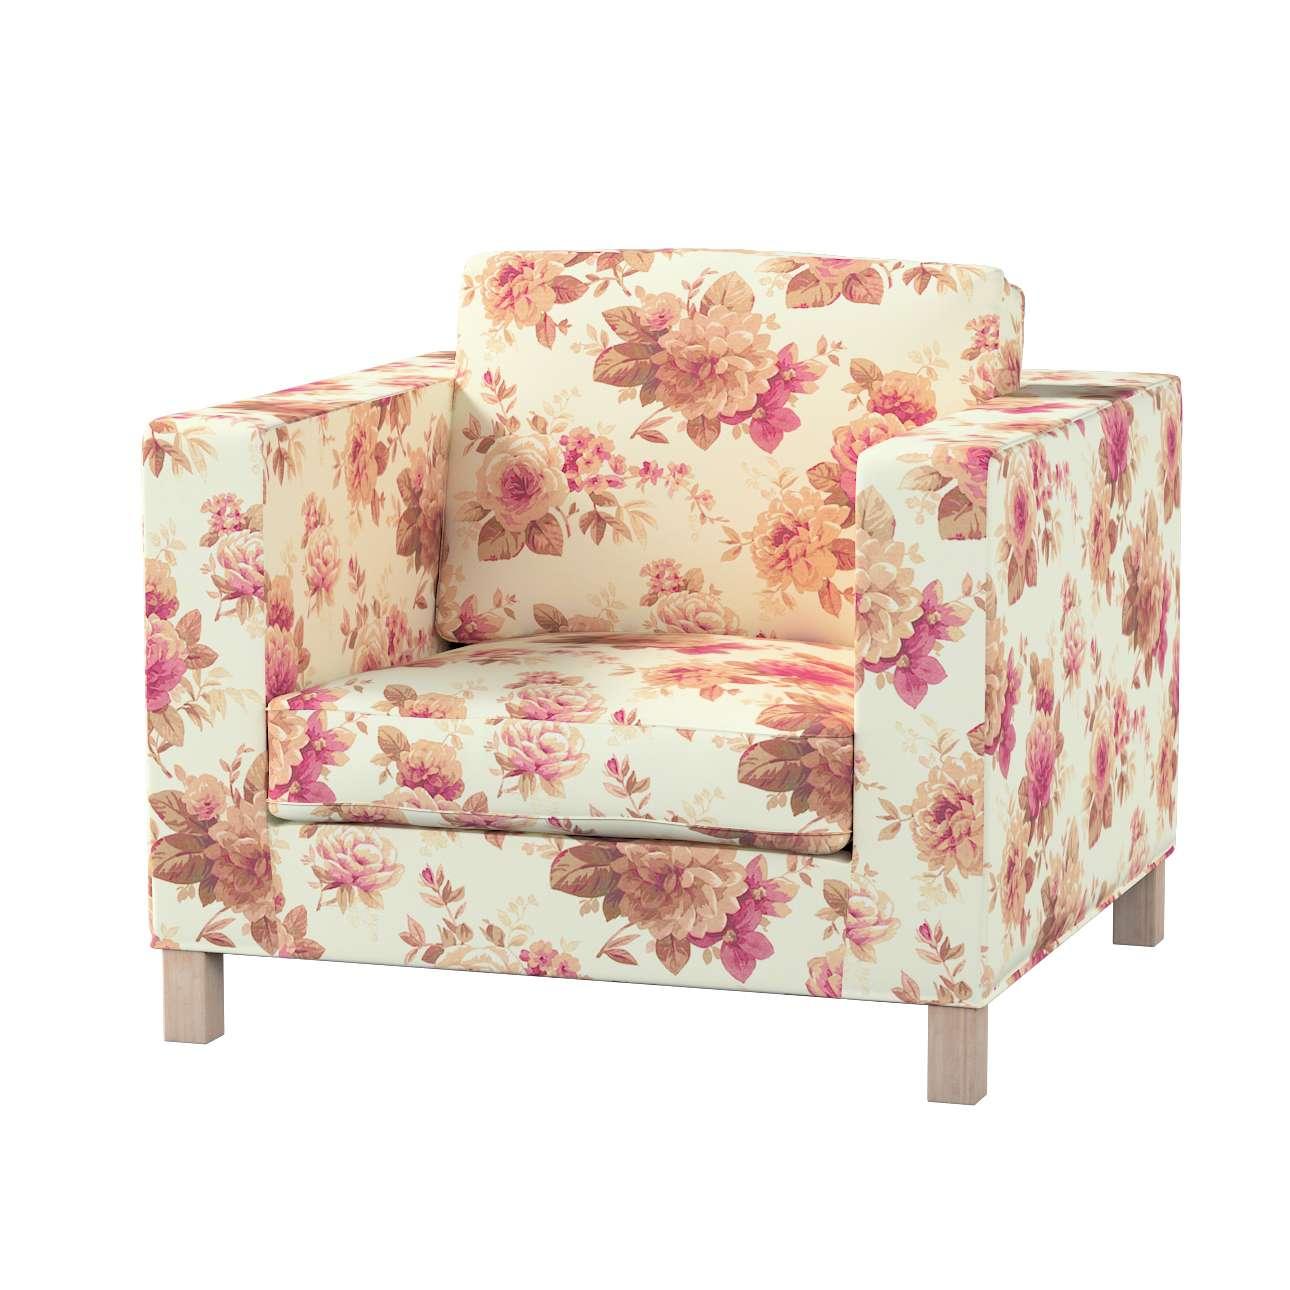 KARLANDA fotelio užvalkalas KARLANDA fotelio užvalkalas kolekcijoje Mirella, audinys: 141-06